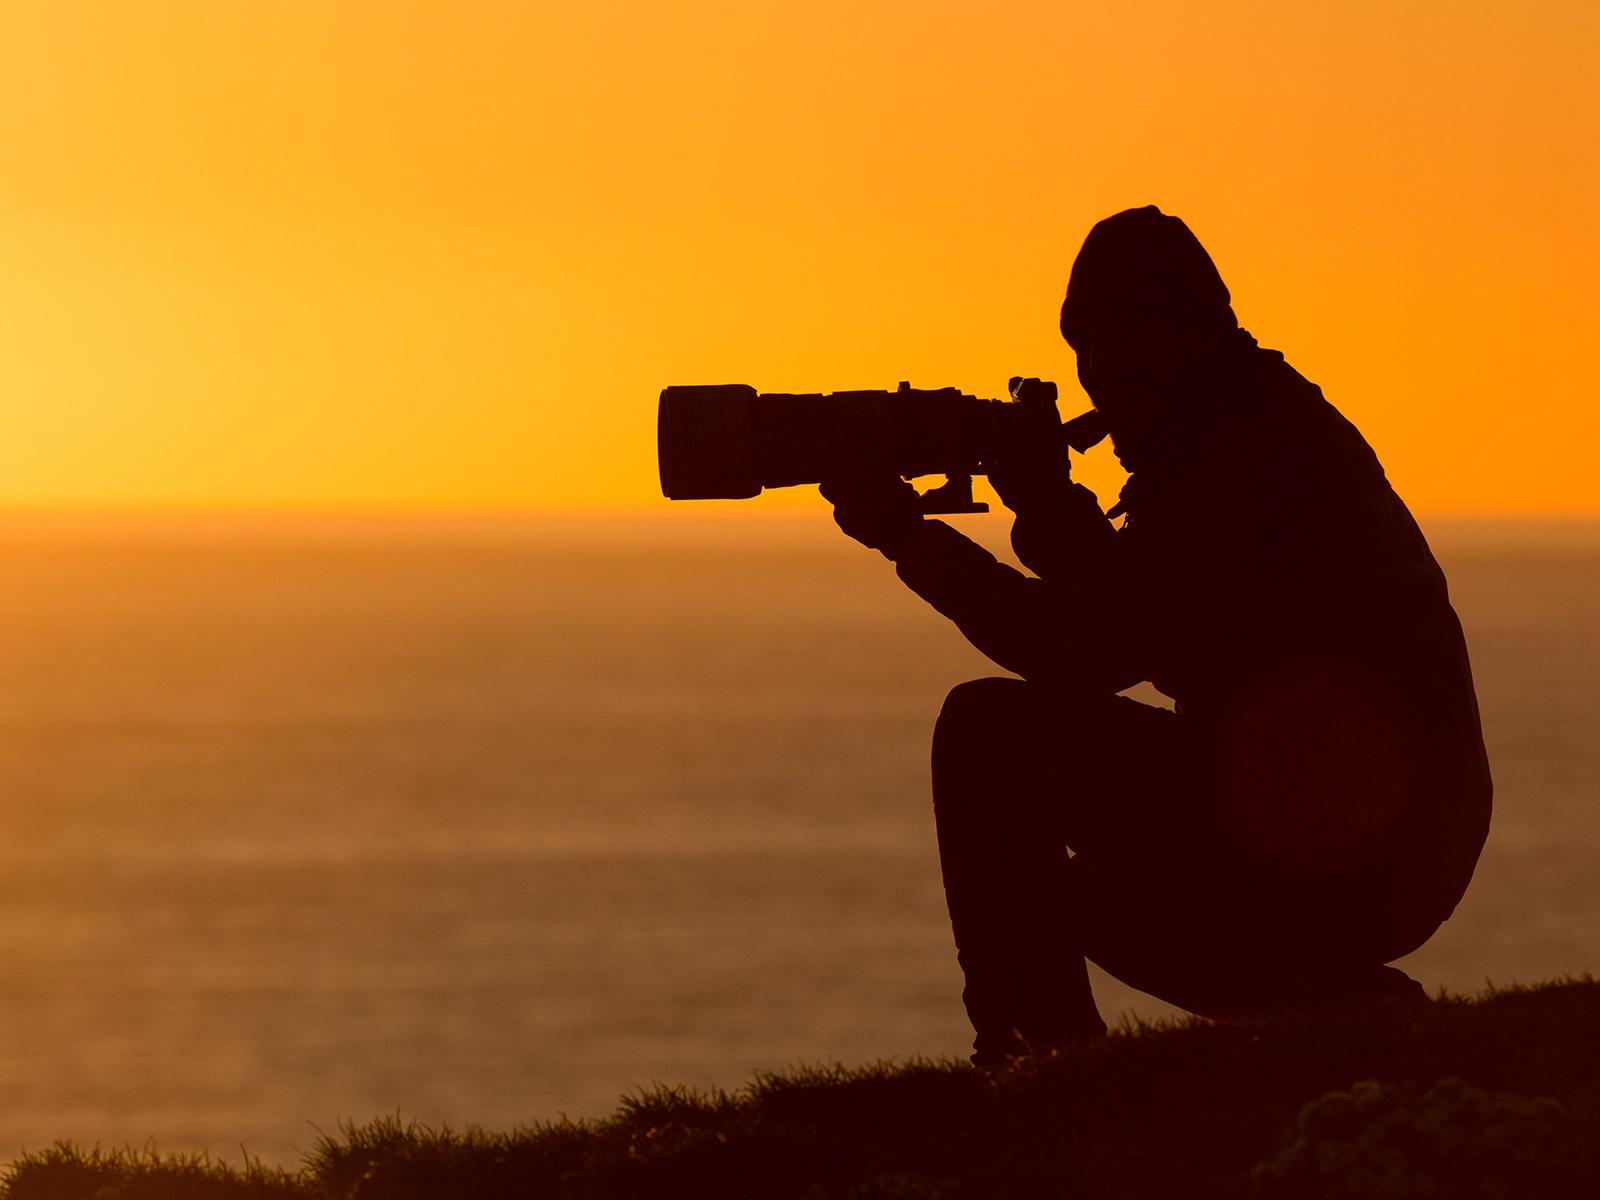 image photo au crépuscule - Iffcam